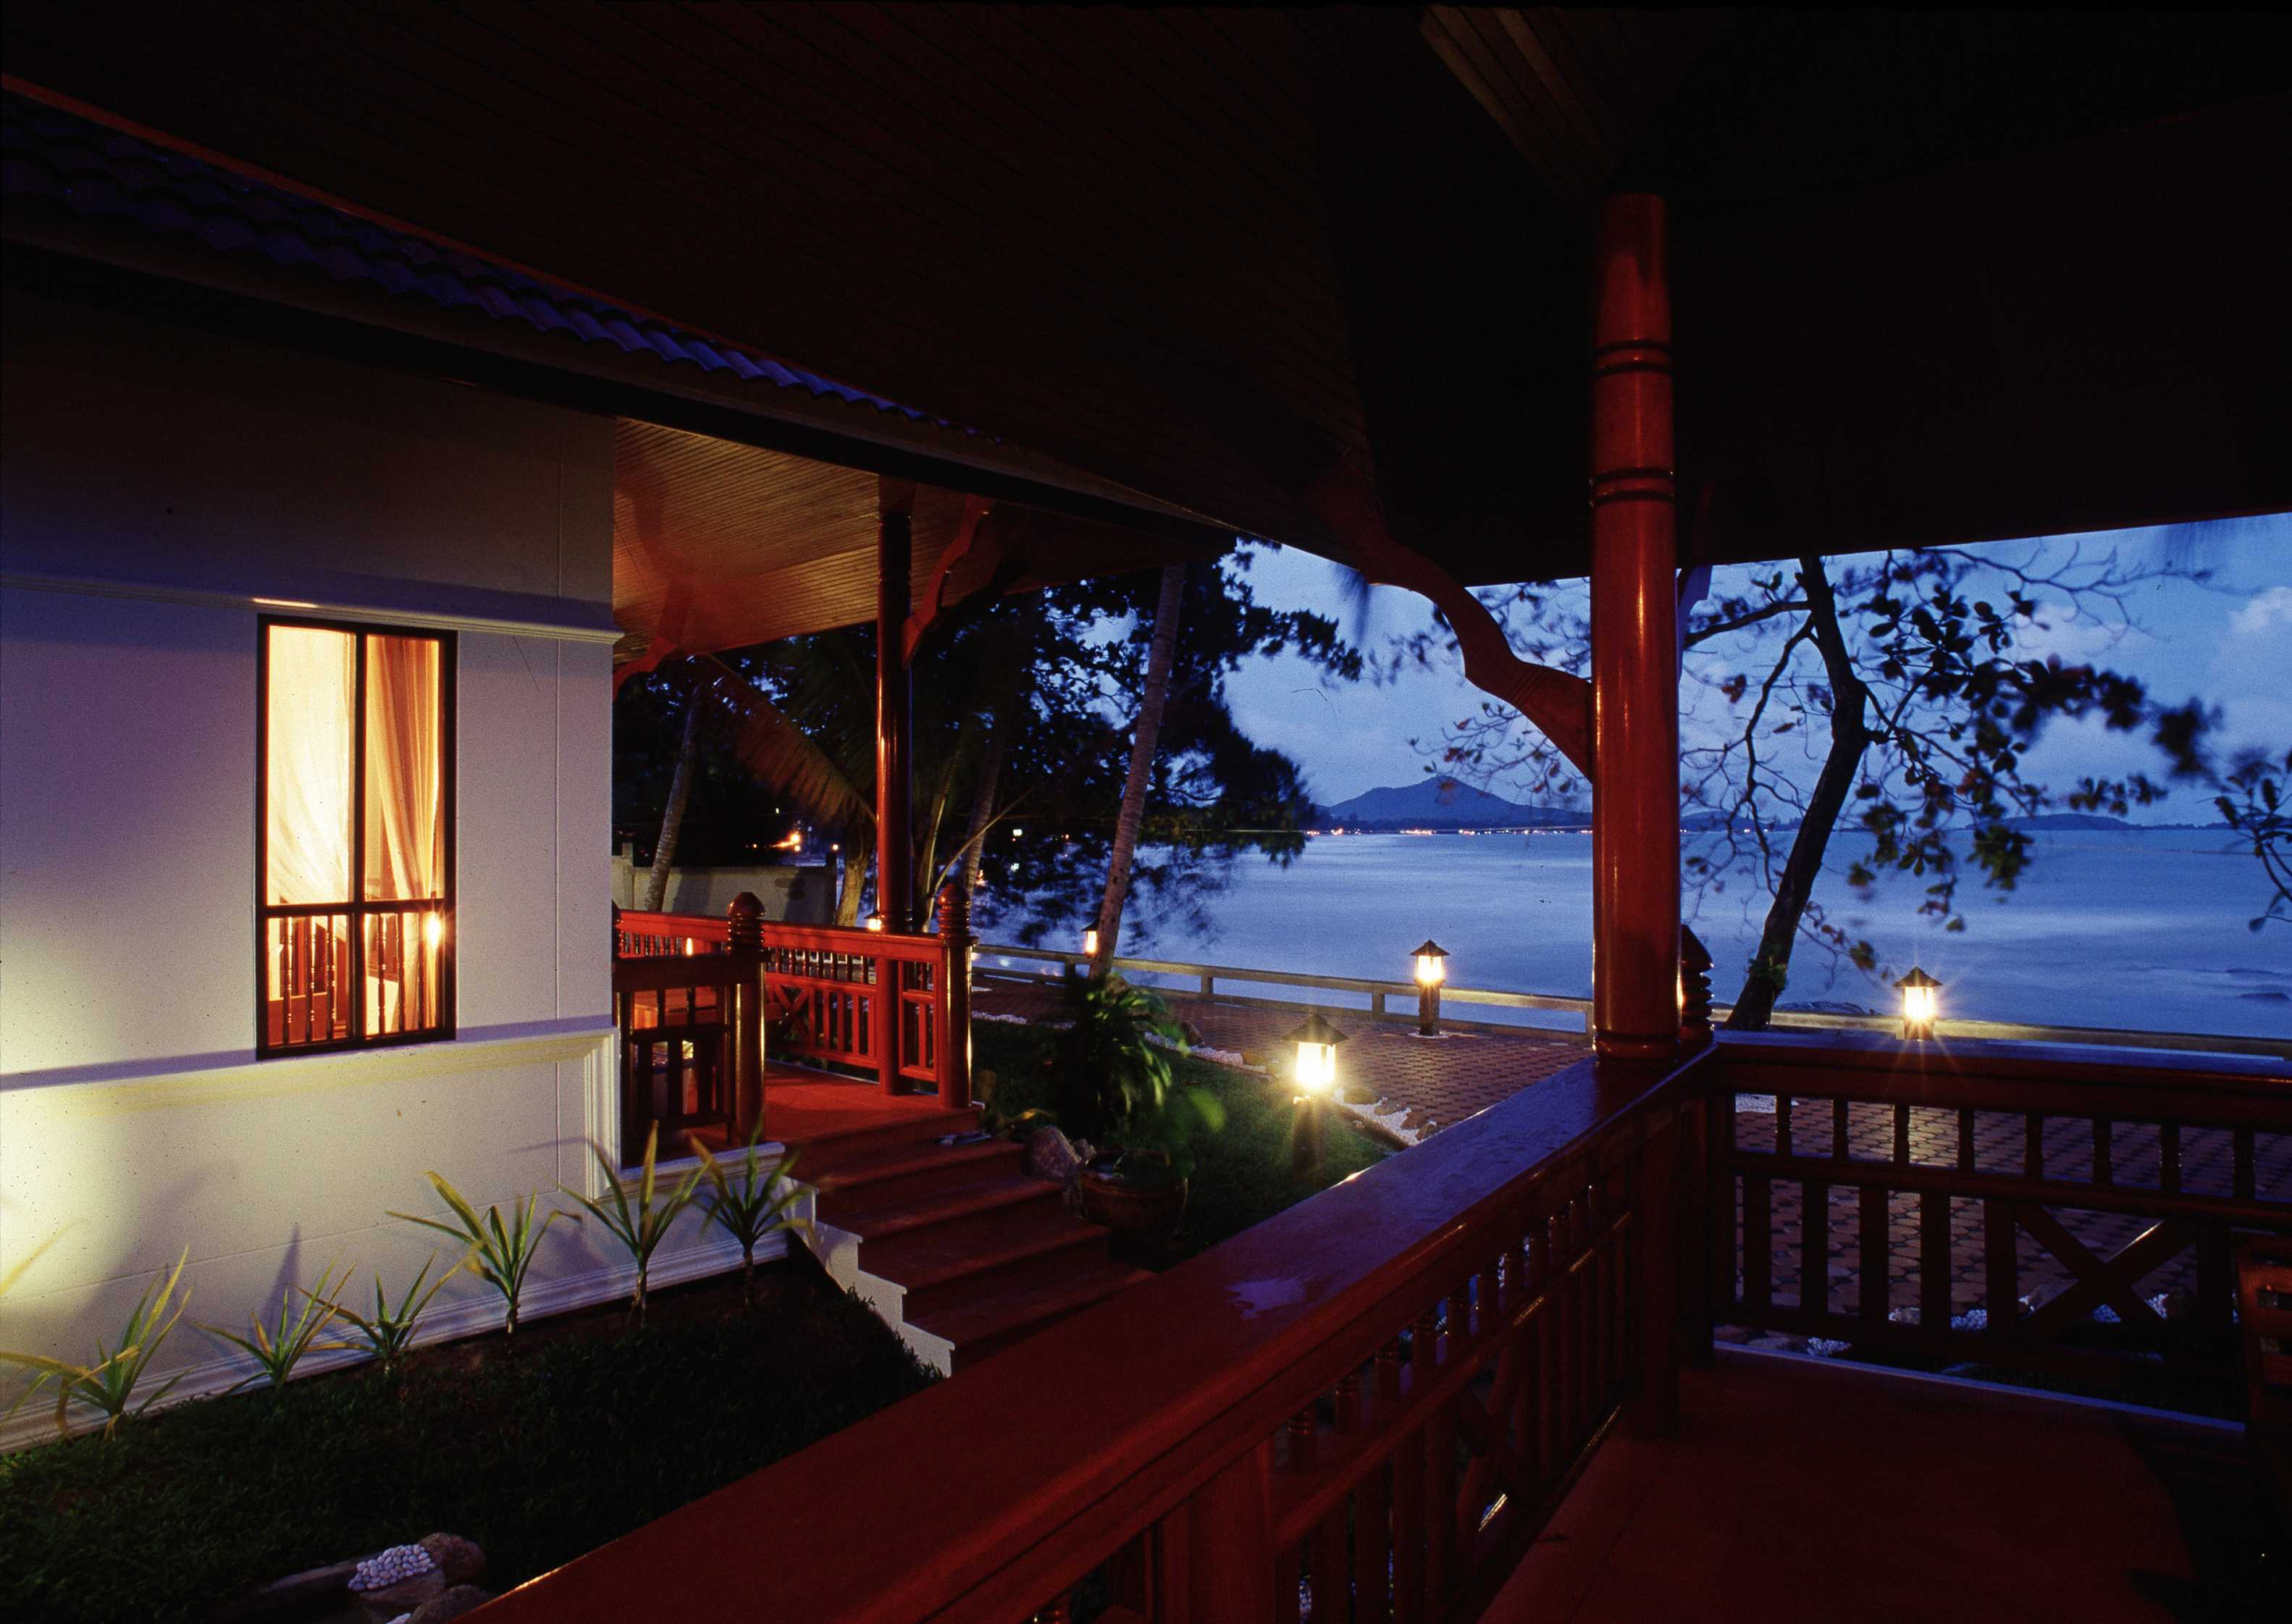 Bhundhari Chaweng Beach Resort Koh Samui, Ko Samui